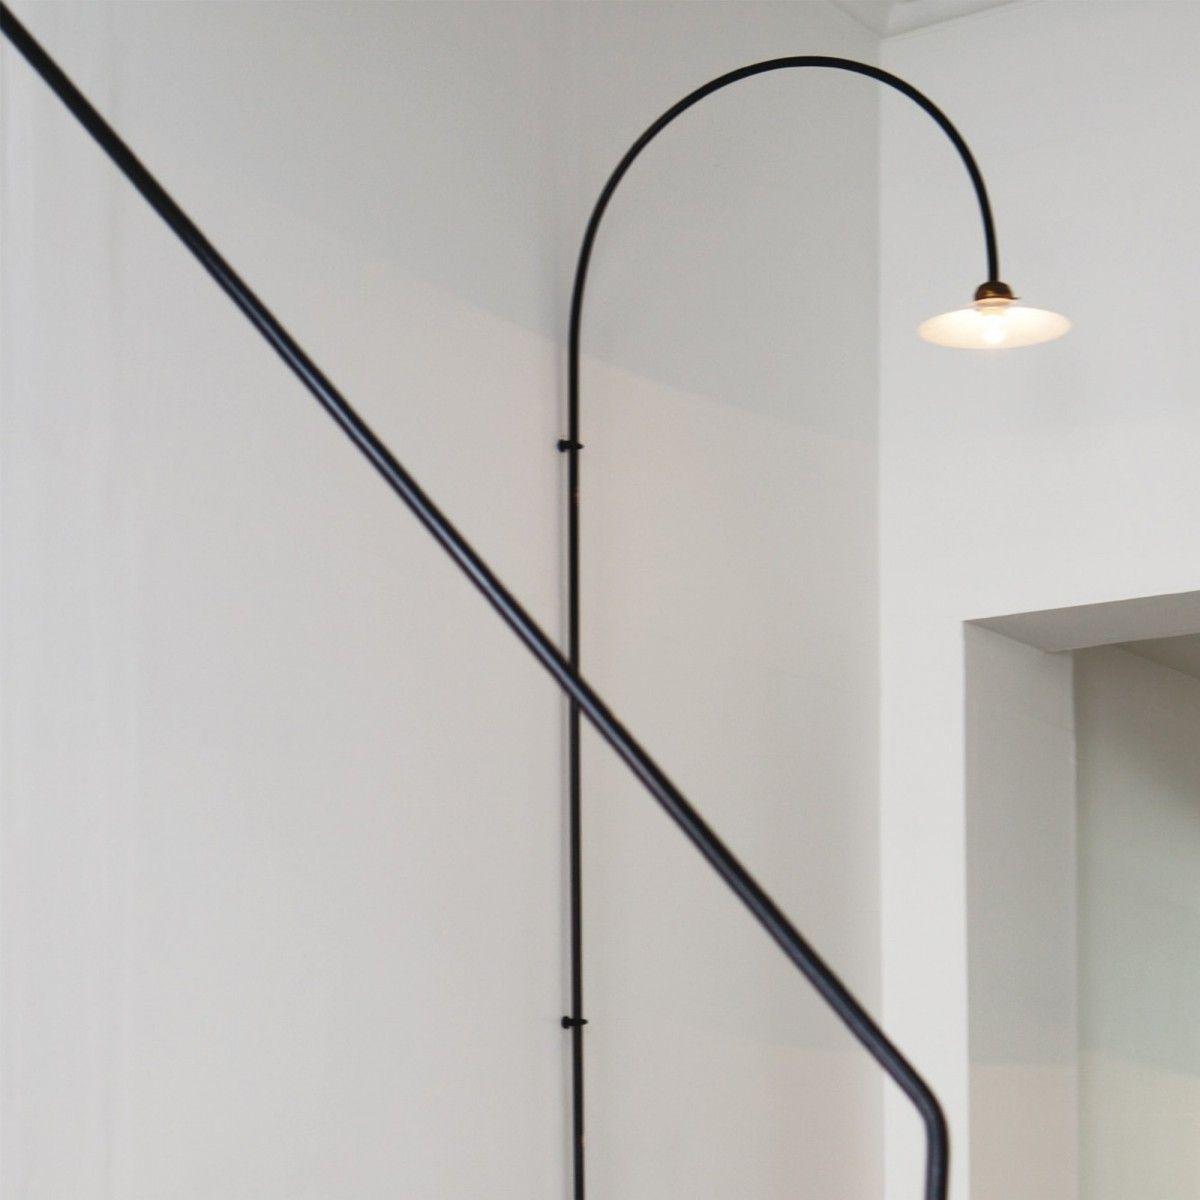 Hanging Lamp N 3 Muller Van Severen Contemporary Wall Lights Lamp Hanging Lamp